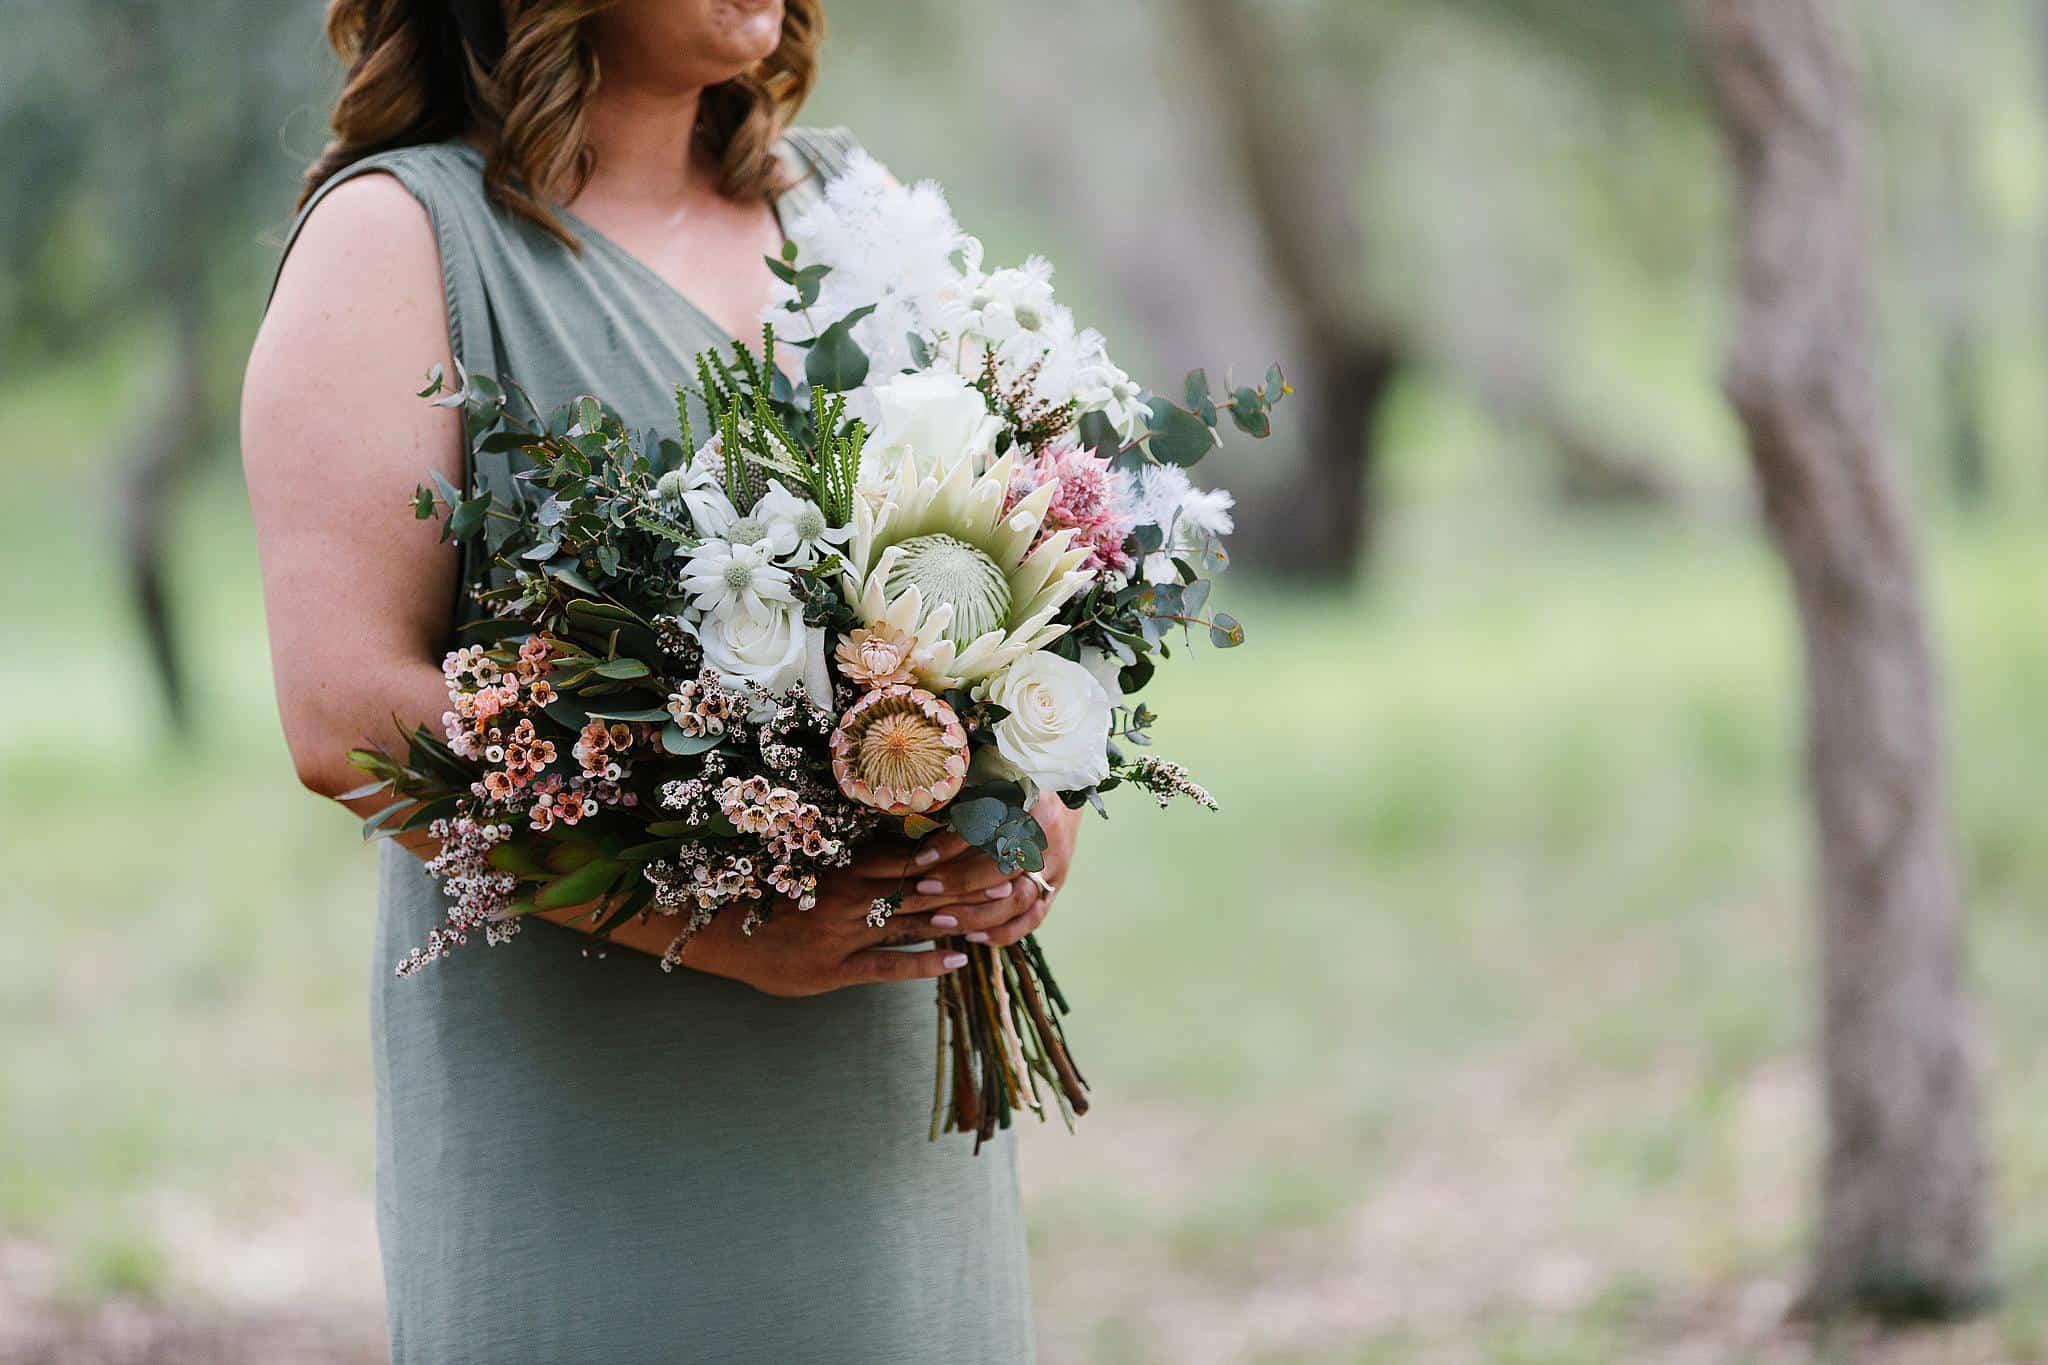 Bridesmaids holds bouquet